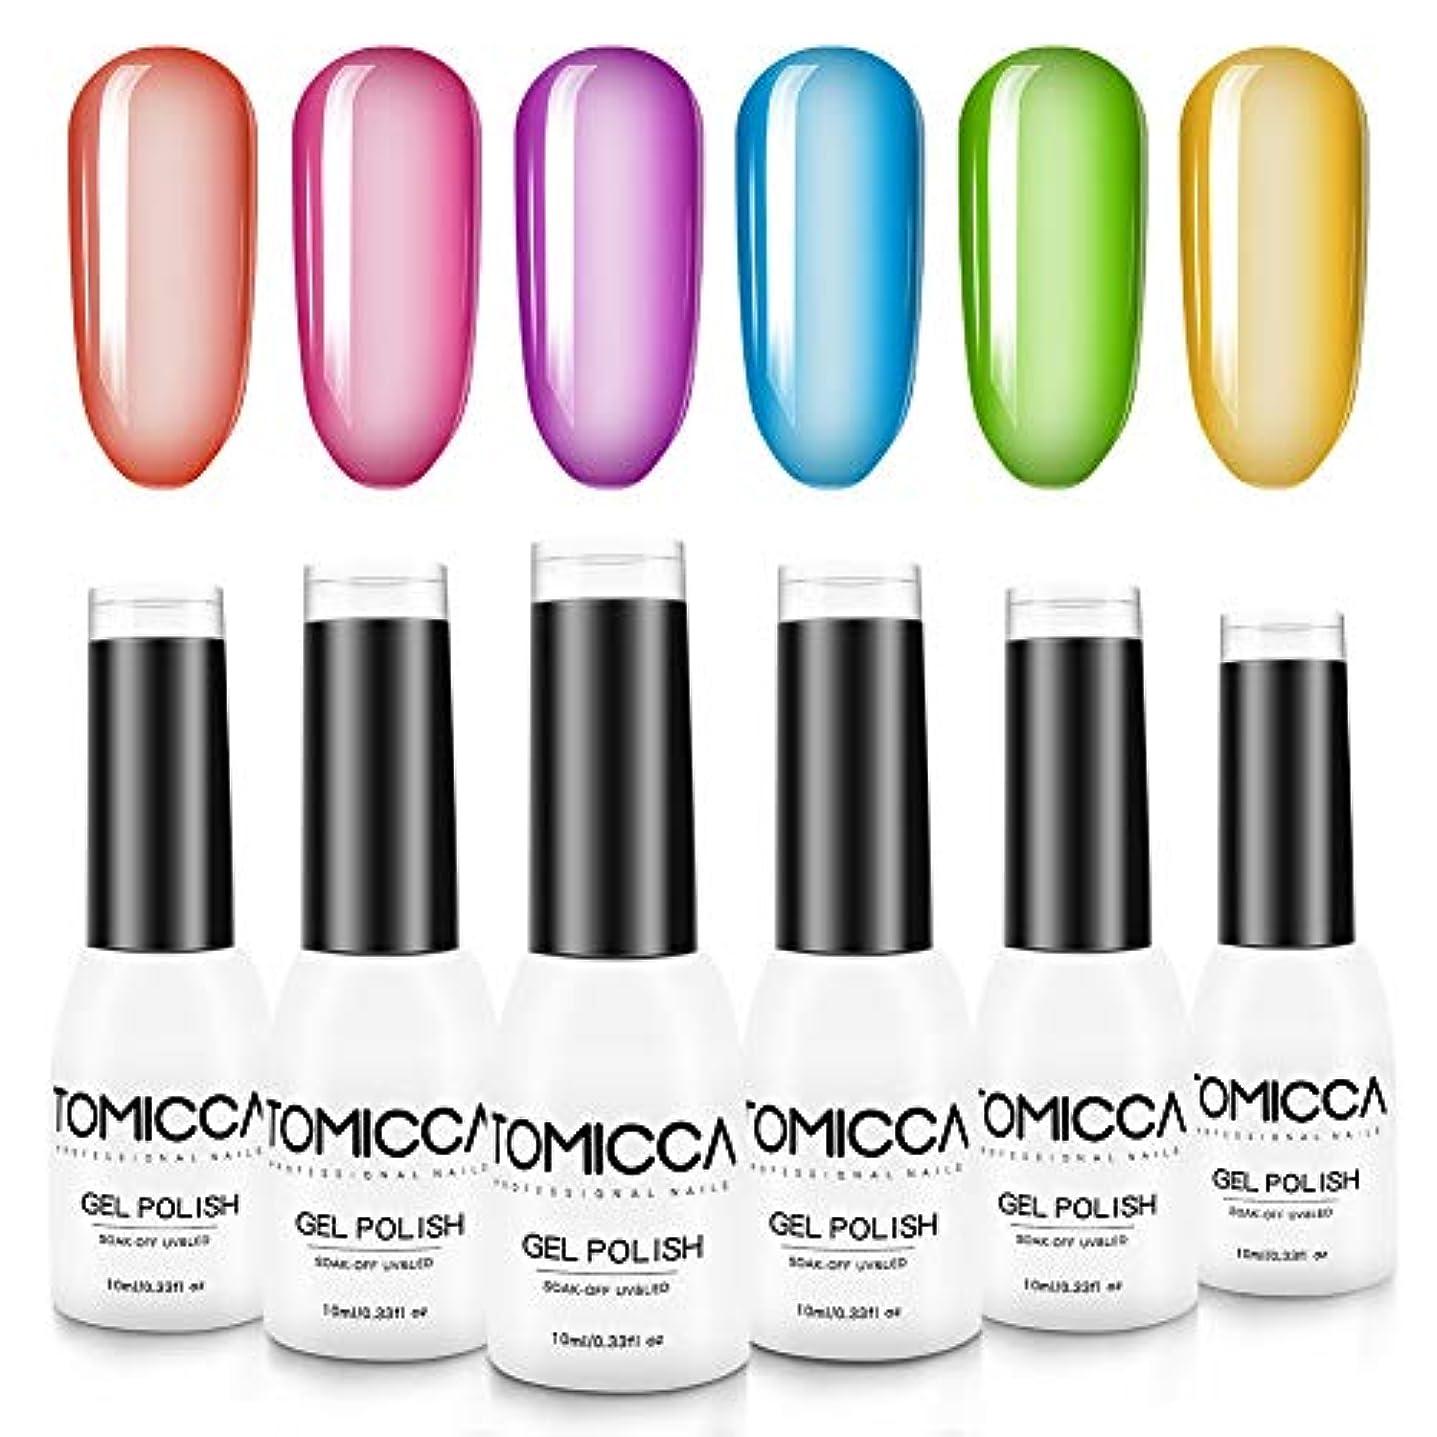 目立つ若さ消費するTOMICCA ジェルネイル カラー 6色セット 10ml ピンキーカラー 色持ち良い 可愛い 初心者用カラージェル